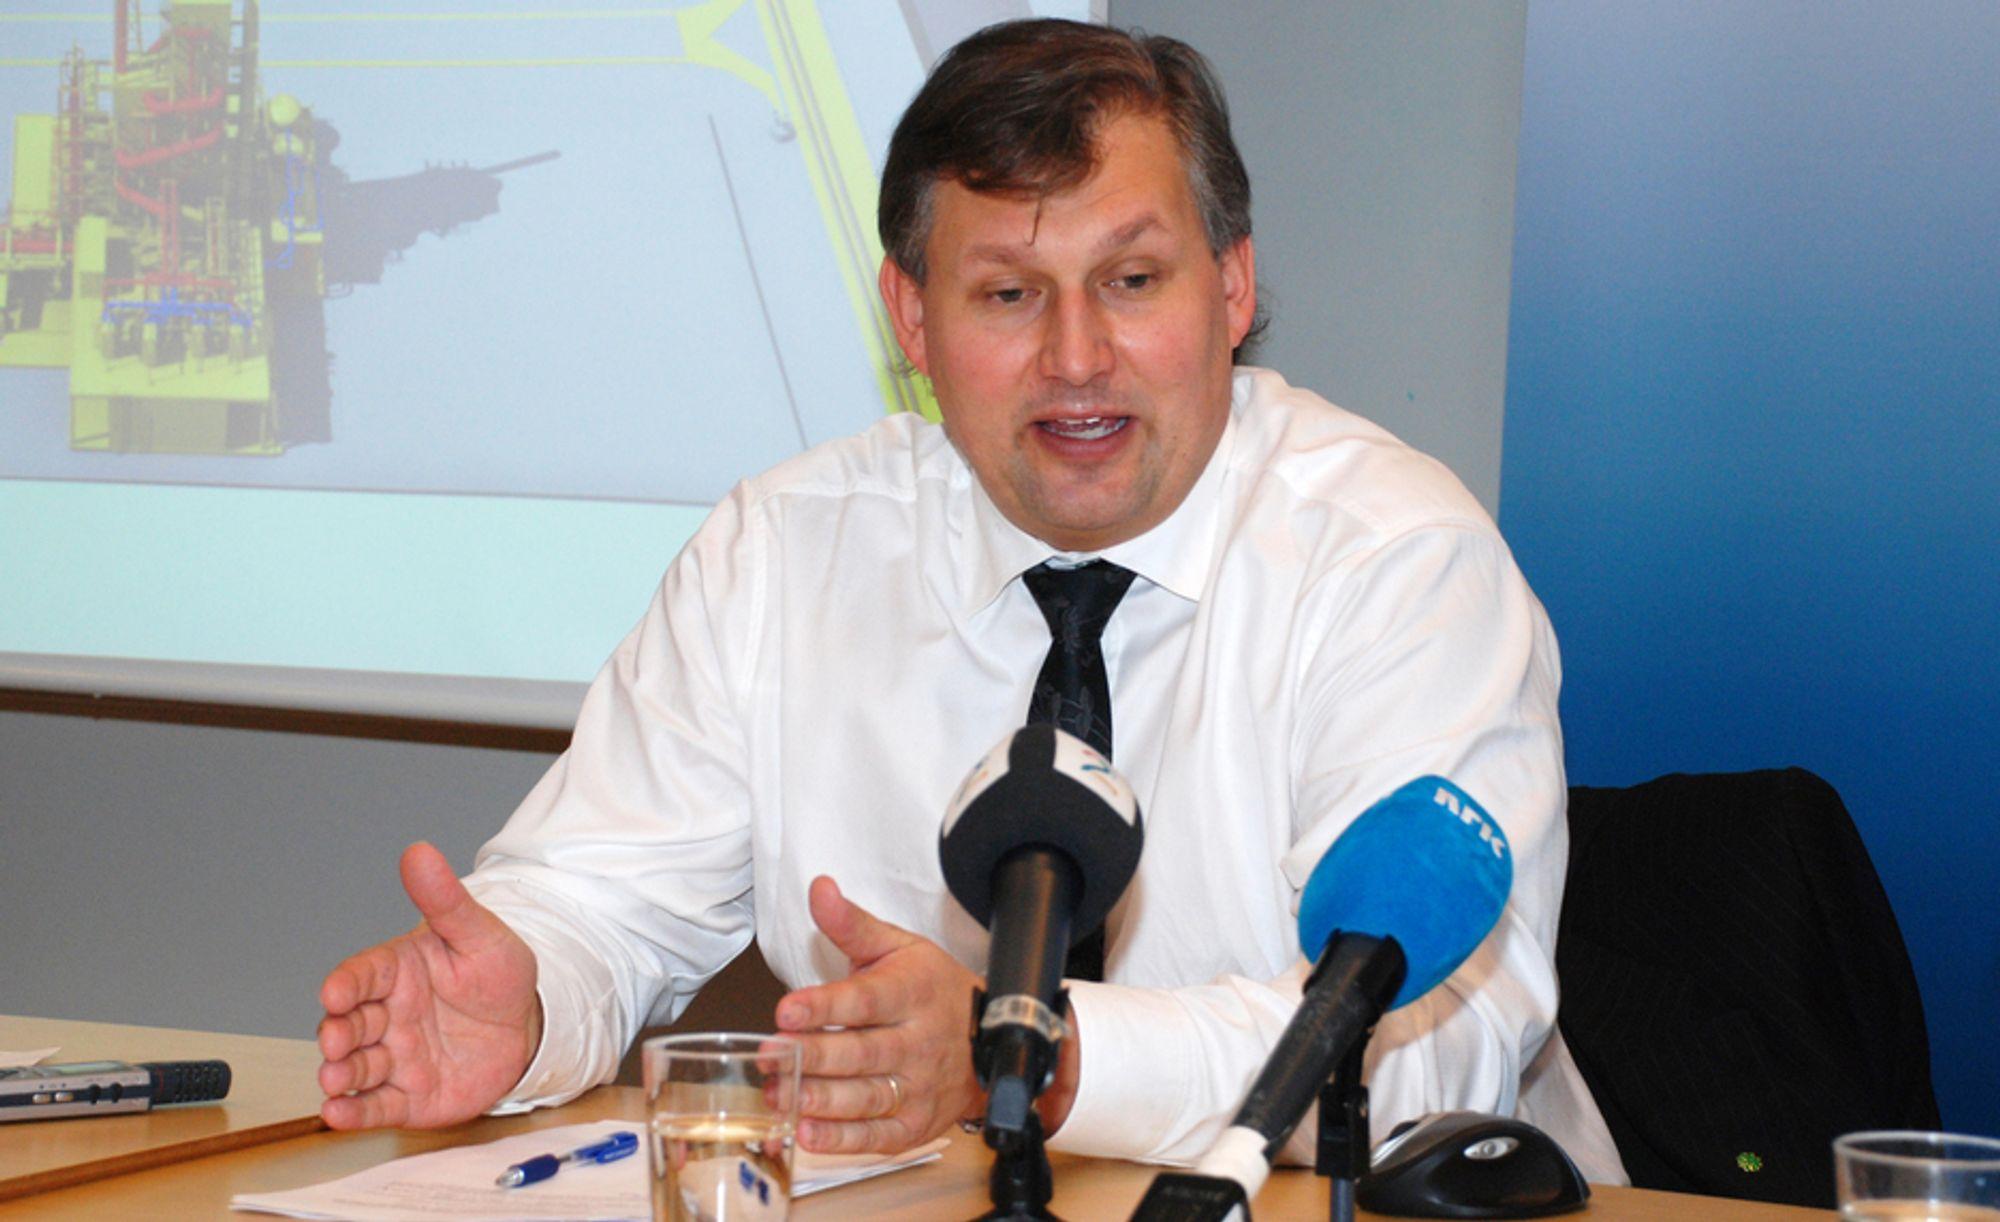 Olje- og energiminister Terje Riis-Johansen skal starte fornybarforhandlinger med EU-kommisjonen.